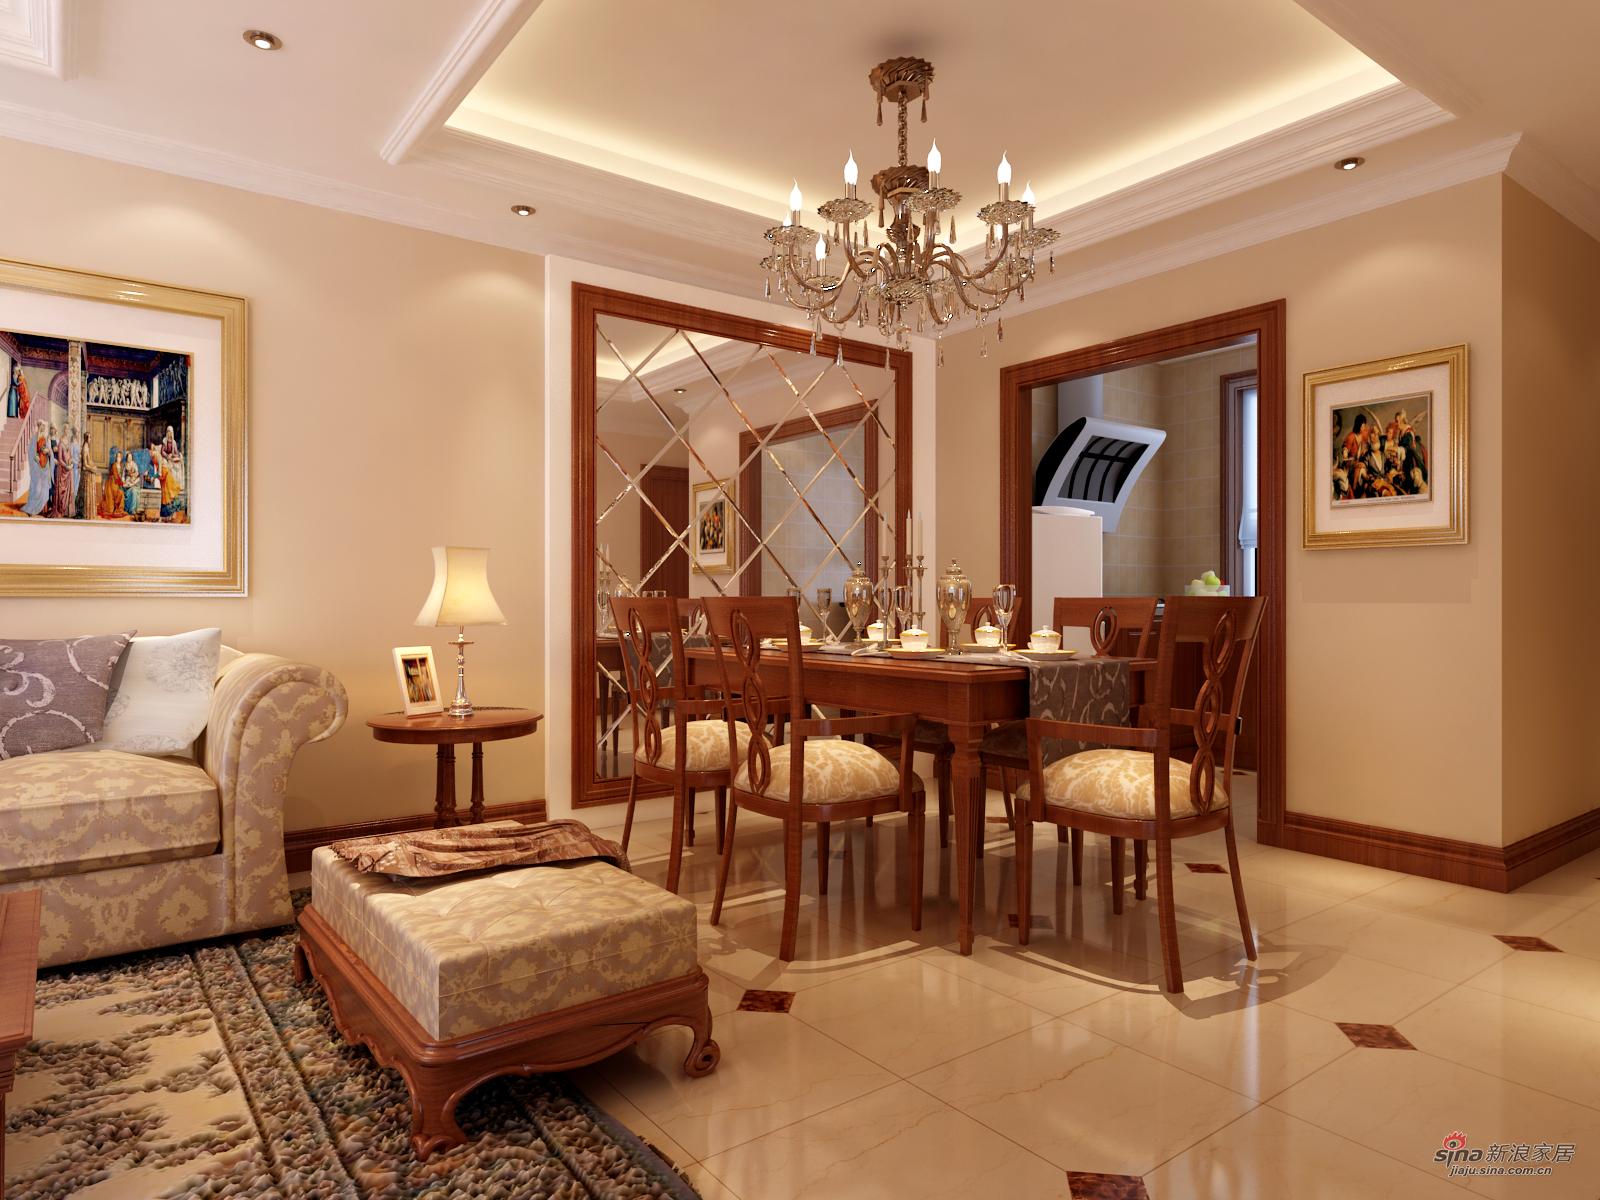 混搭 别墅 餐厅图片来自用户1907655435在永定河孔雀城210平简约欧式设计风格10的分享